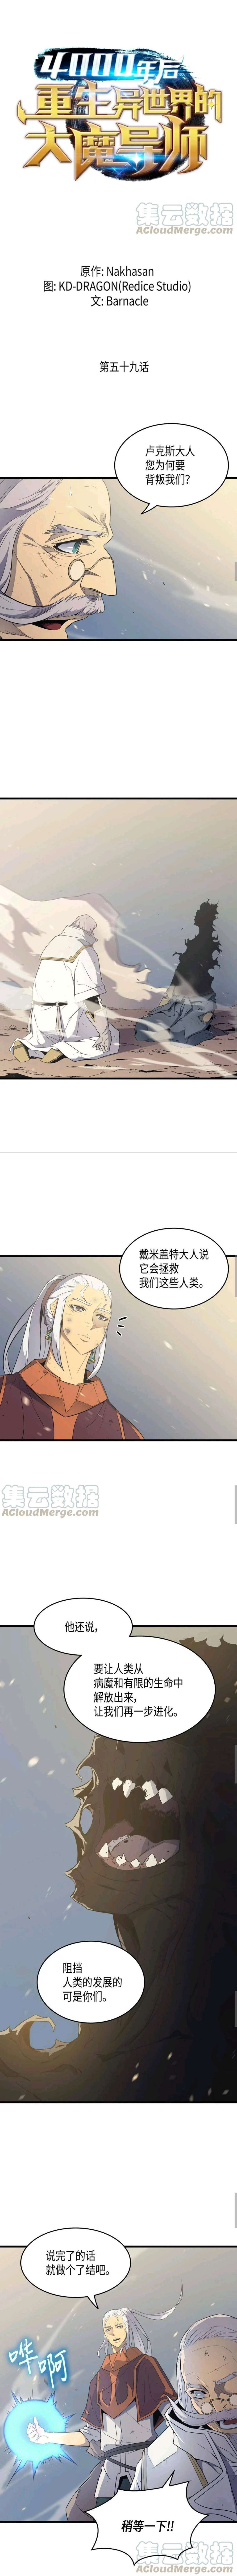 【漫画更新】4000年后重生的大魔导师 59话-小柚妹站